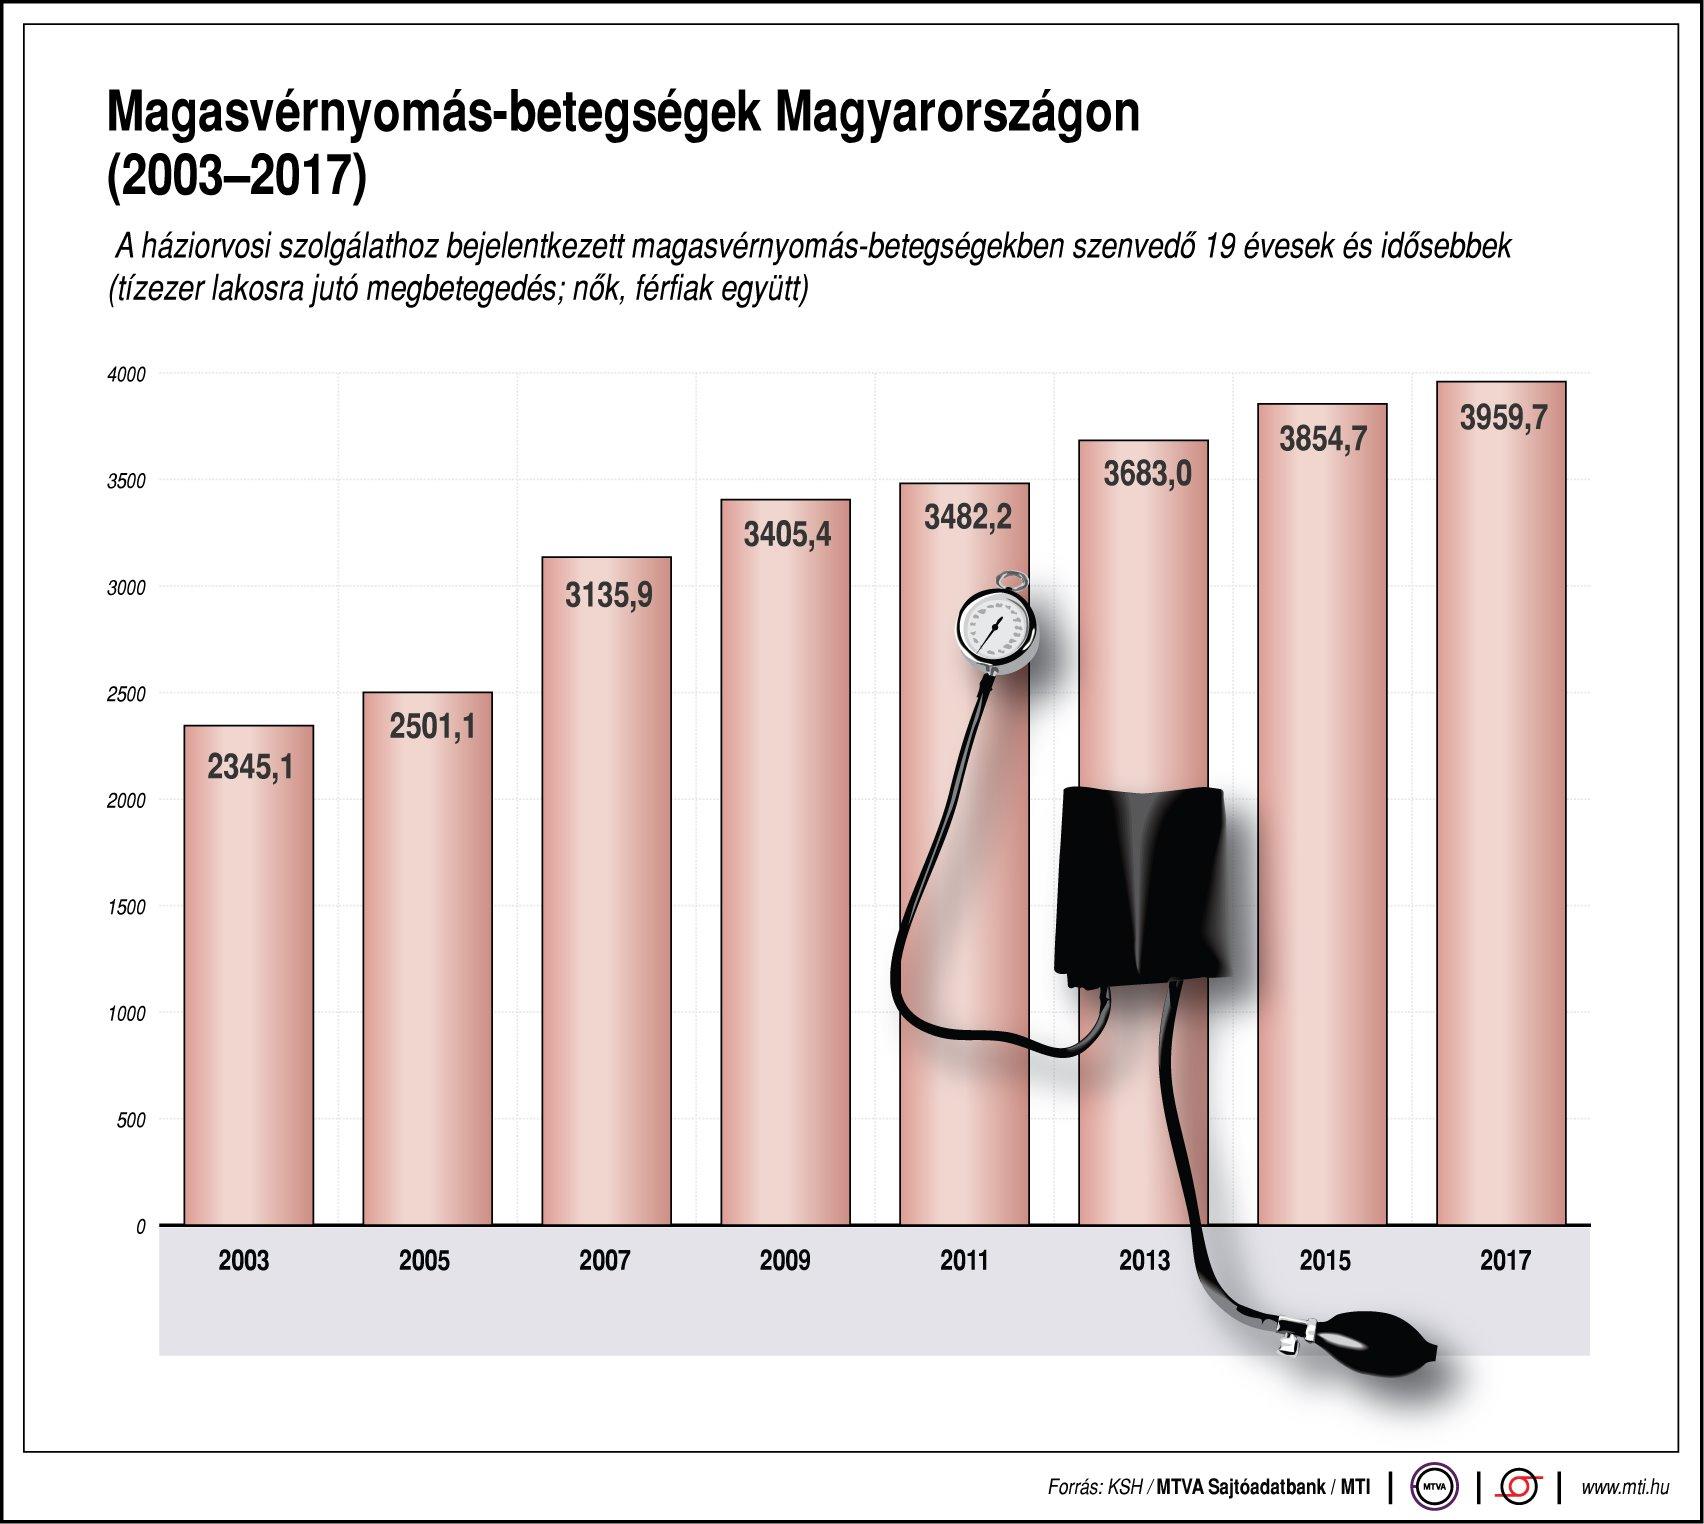 magas vérnyomás, ahol kezelik)